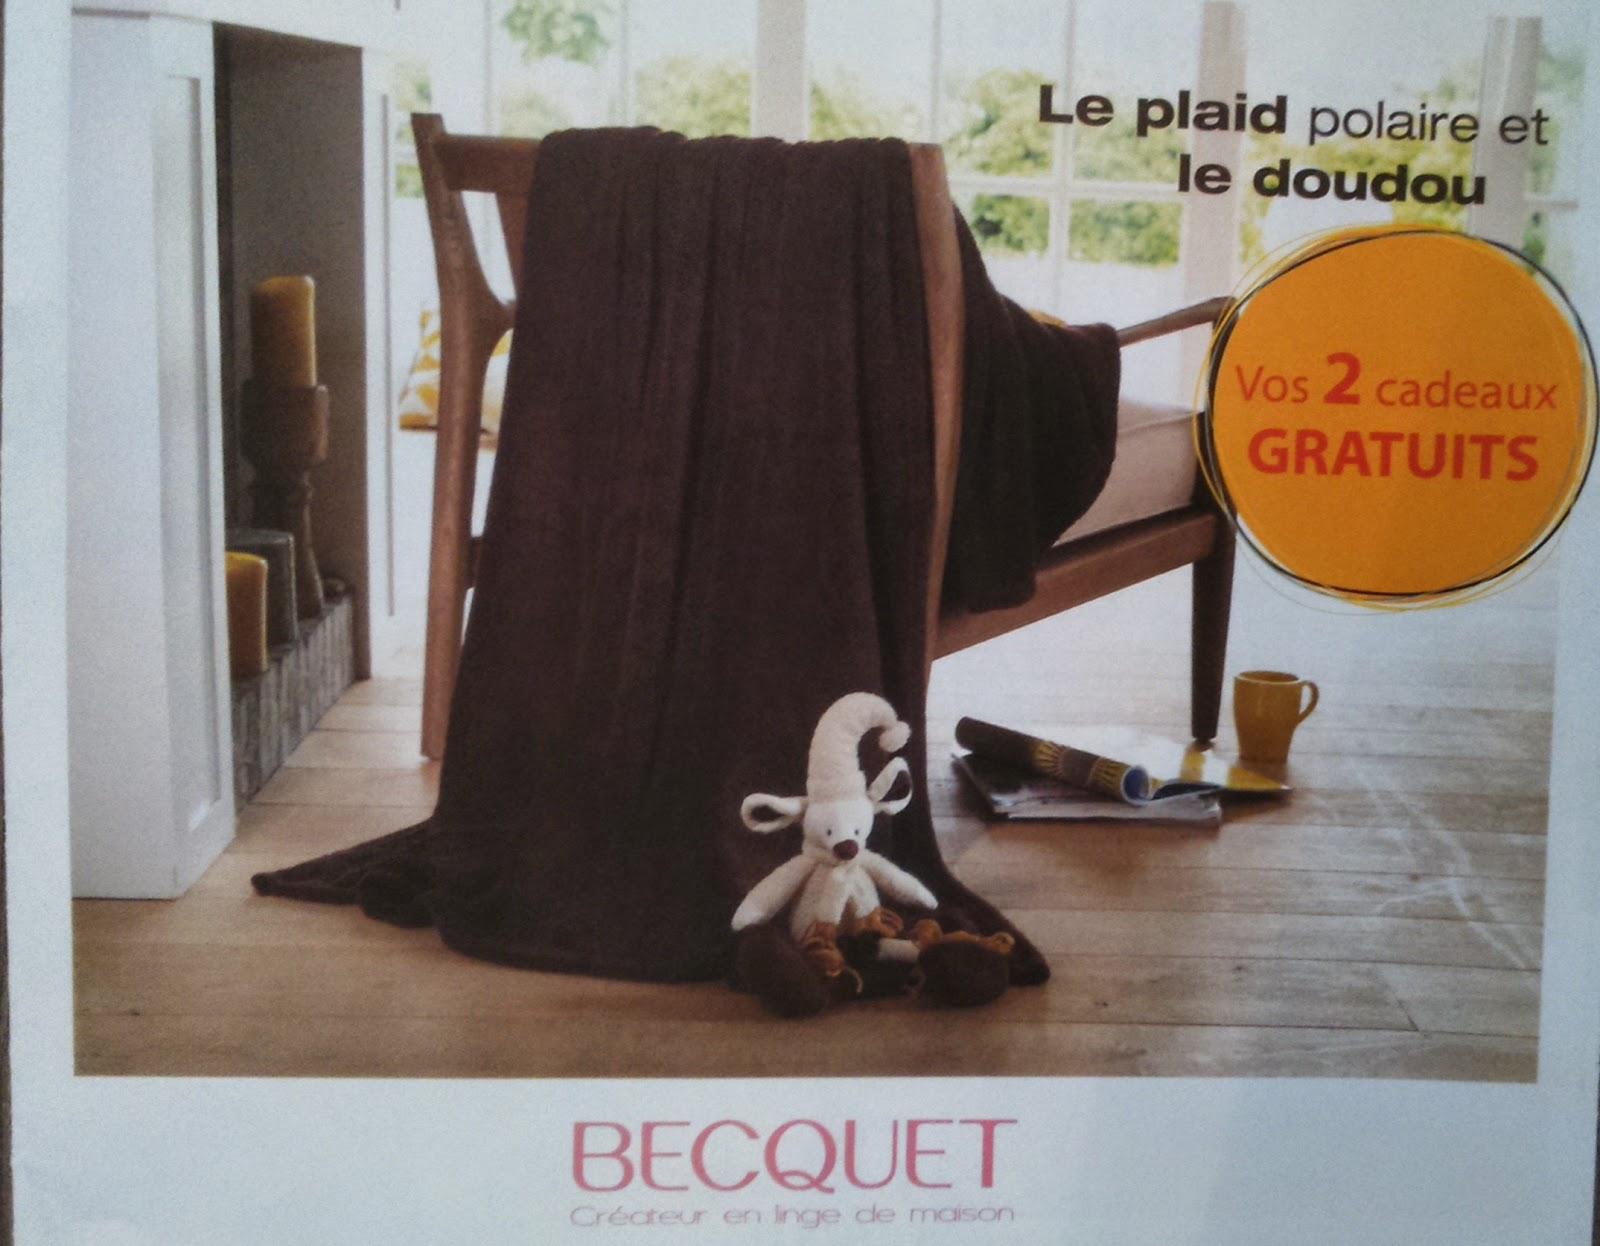 les bonnes affaires de lacuna becquet plaid polaire doudou en cadeau et livraison gratuite. Black Bedroom Furniture Sets. Home Design Ideas